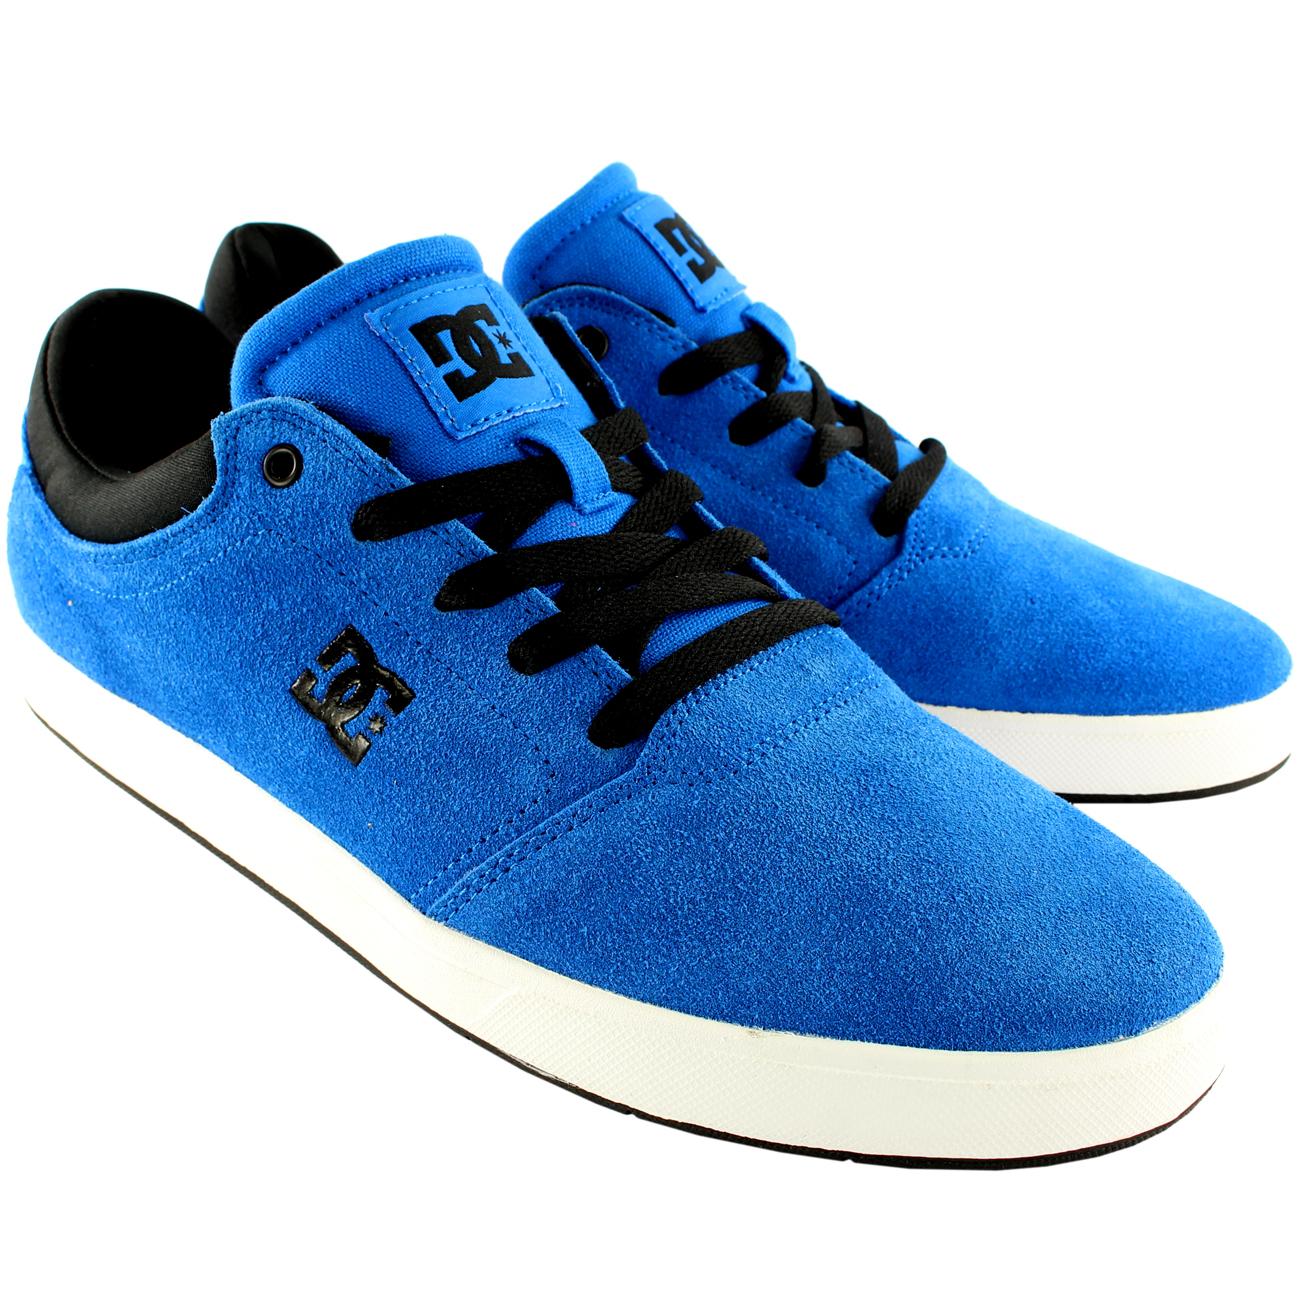 DC Shoes Crisis Ox Skate Shoes